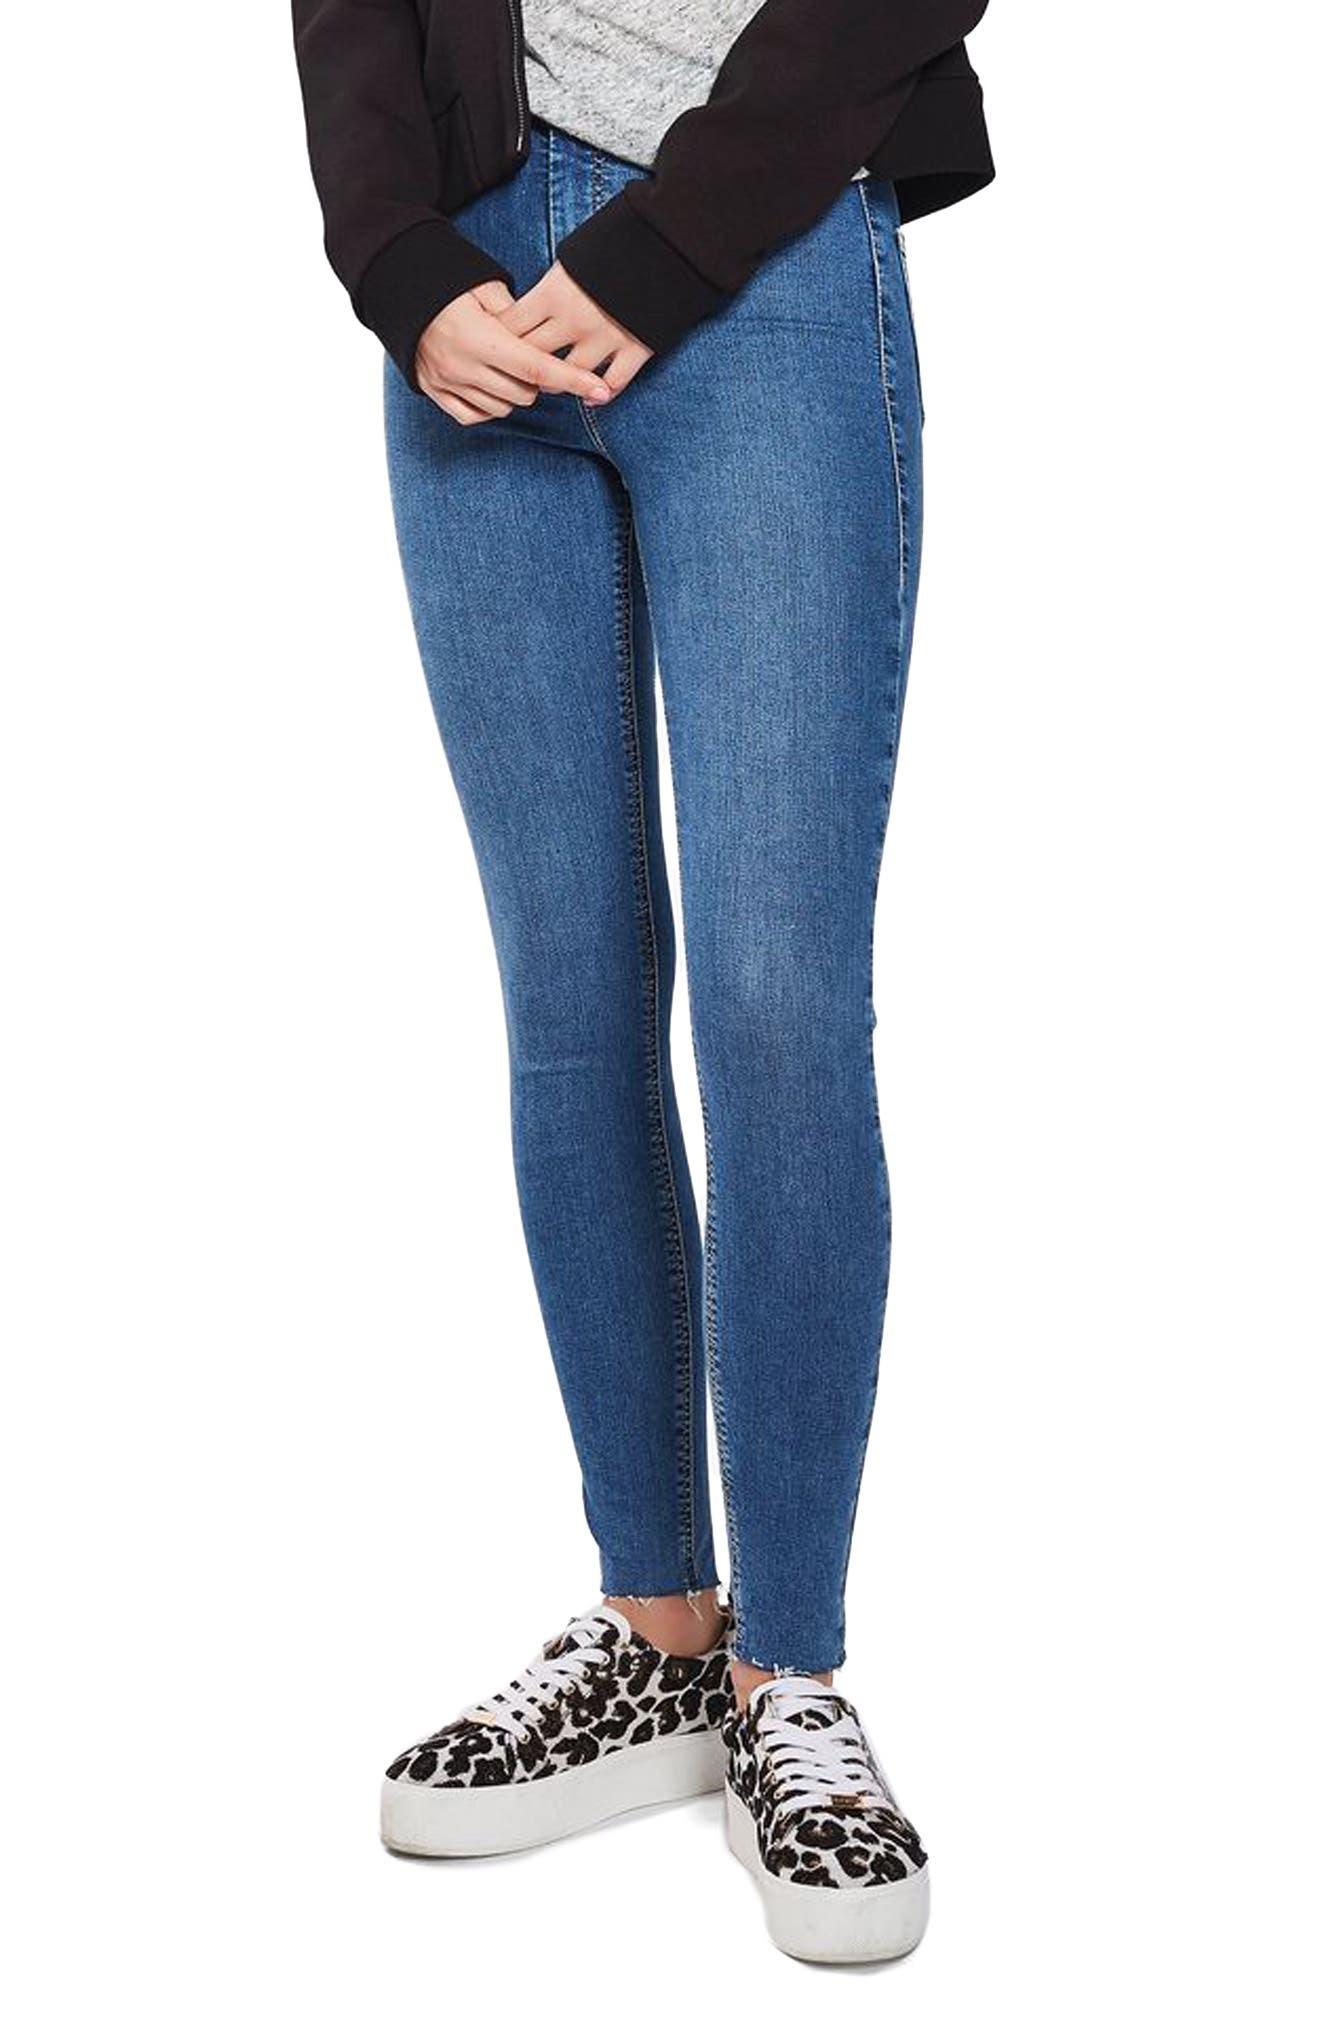 Topshop Joni Raw Hem Skinny Jeans